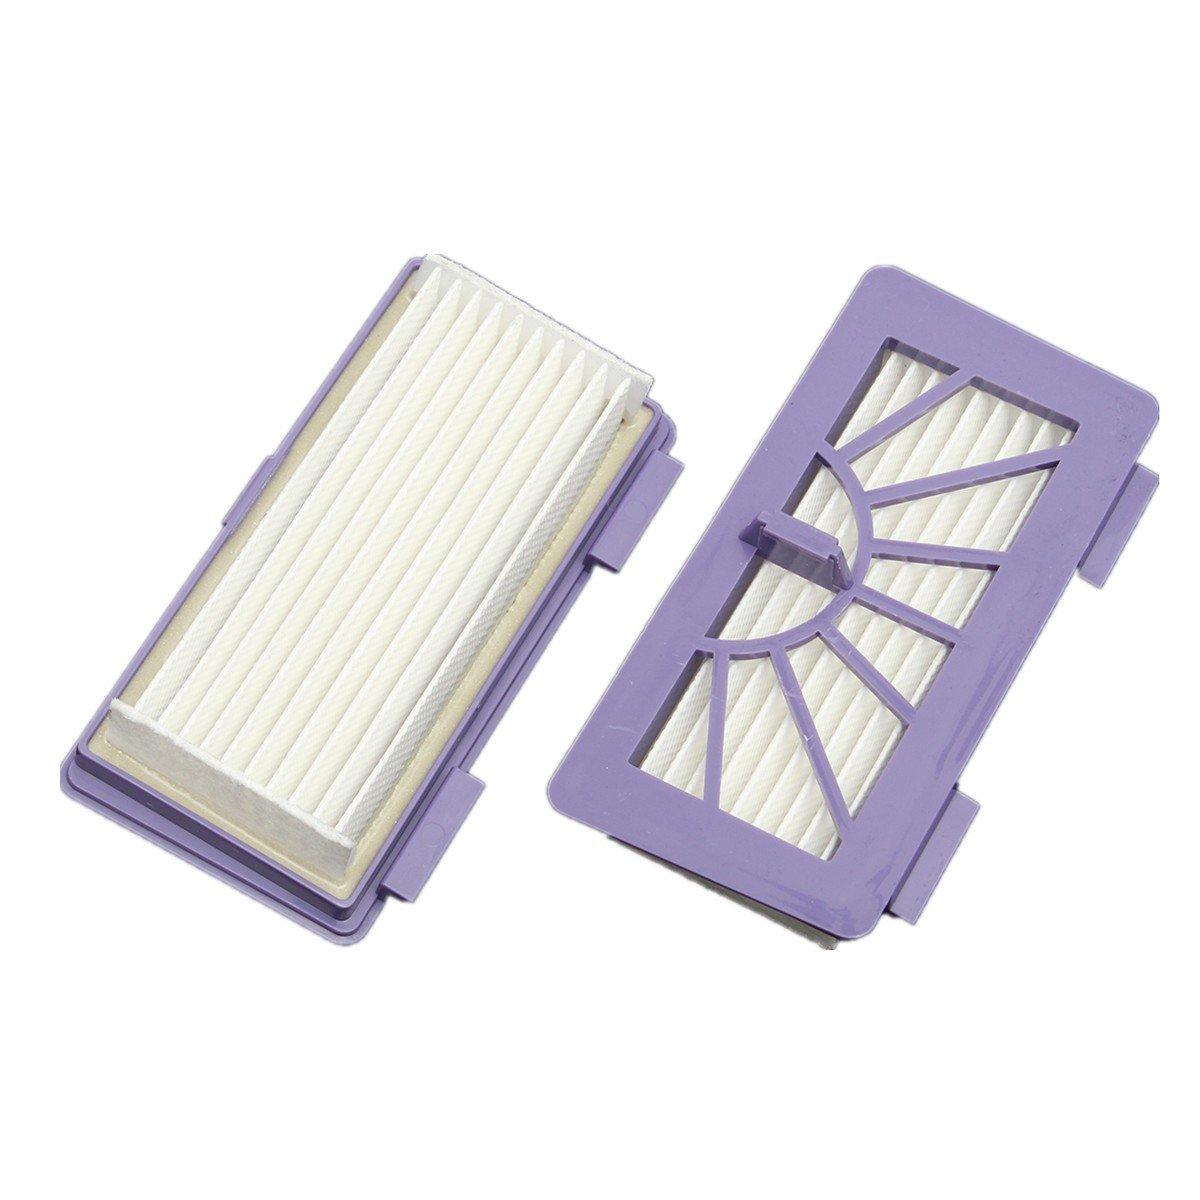 QOJA 10pcs hepa filter for neato xv-21 xv-15 xv-14 xv-11 xv-12